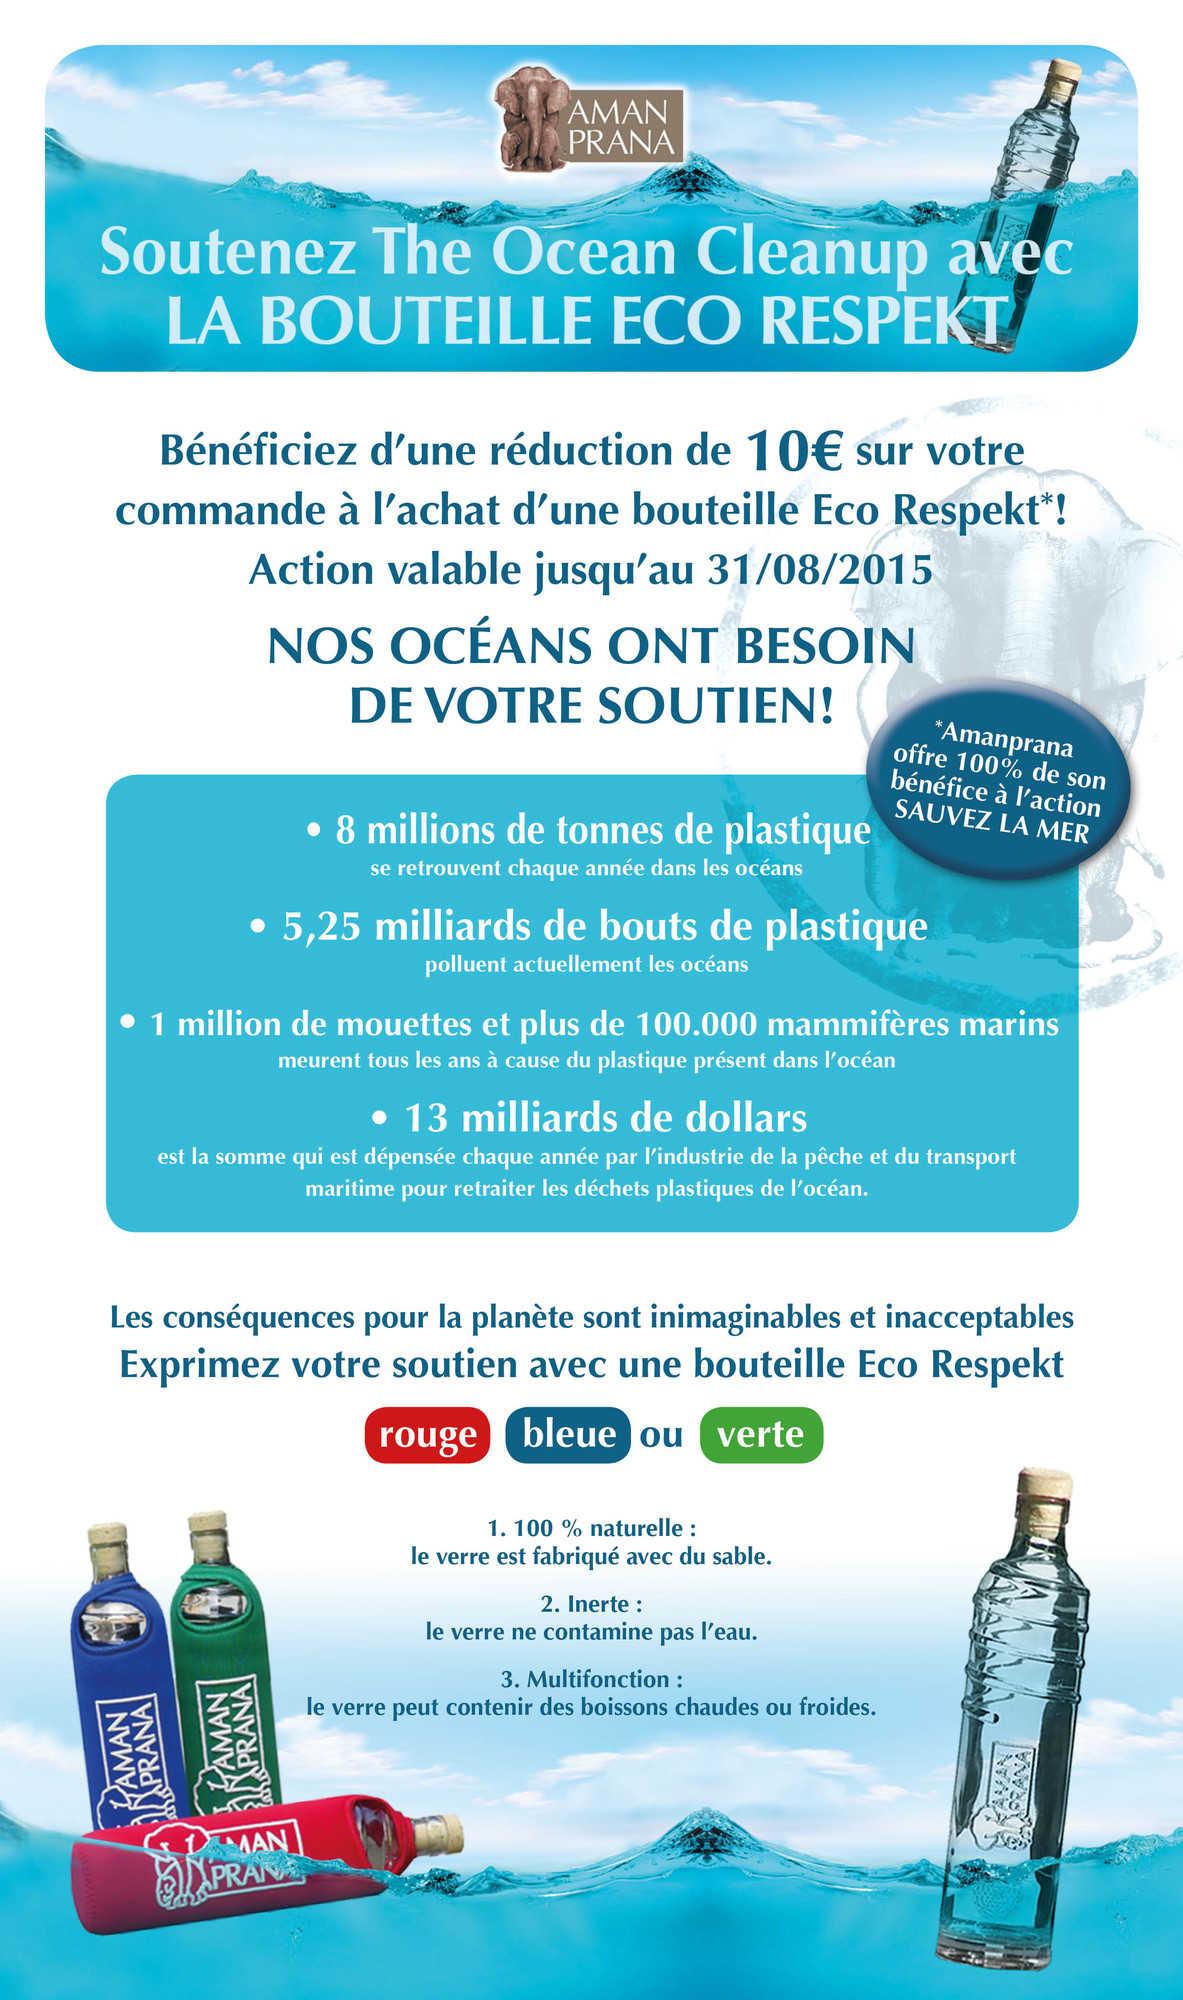 Amanprana soutient The Ocean Cleanup avec la bouteille Eco Respekt